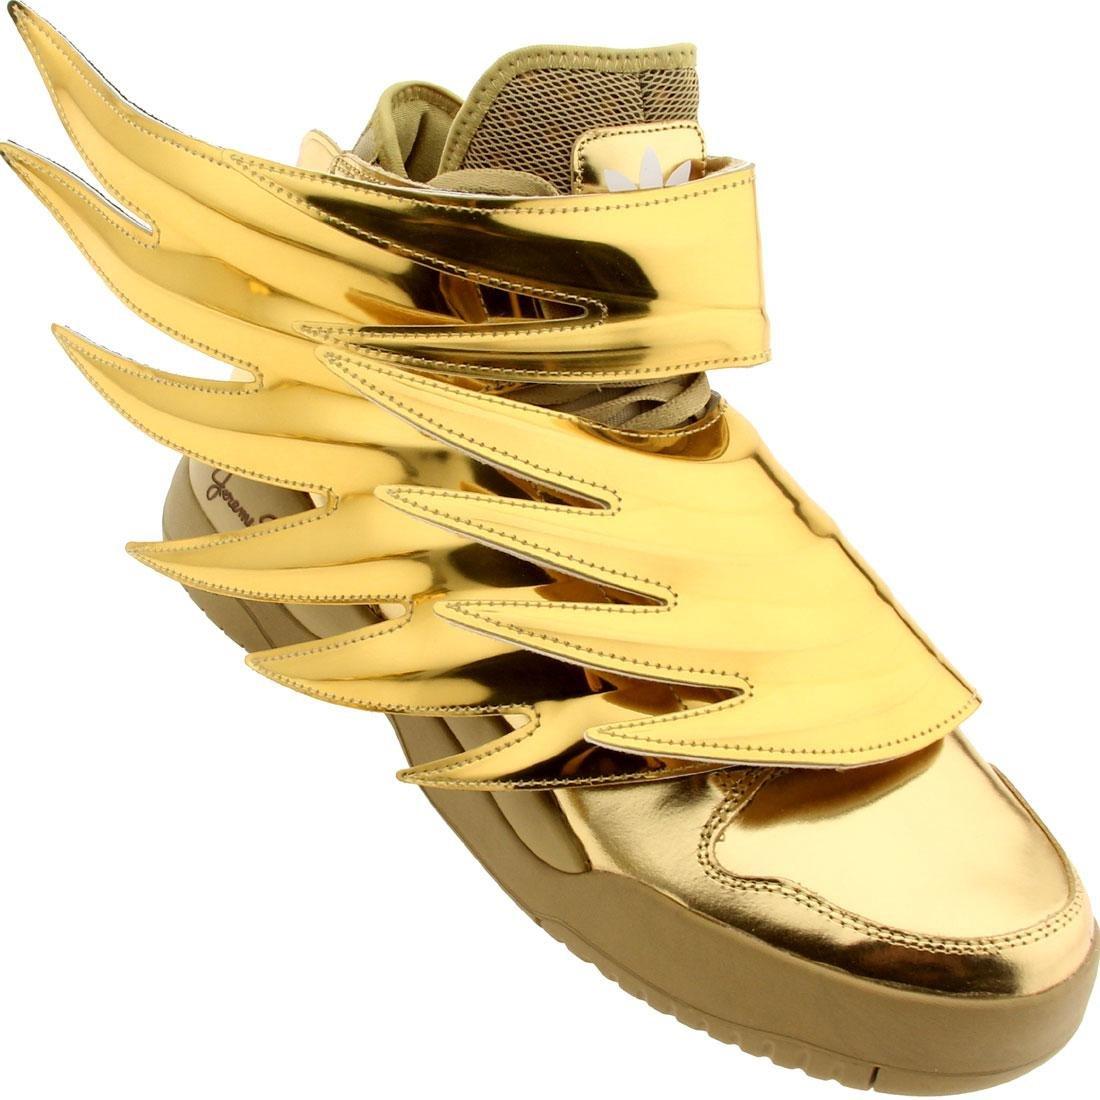 Lao punch Danube  adidas x Jeremy Scott Men JS Wings 3.0- Buy Online in Canada at Desertcart